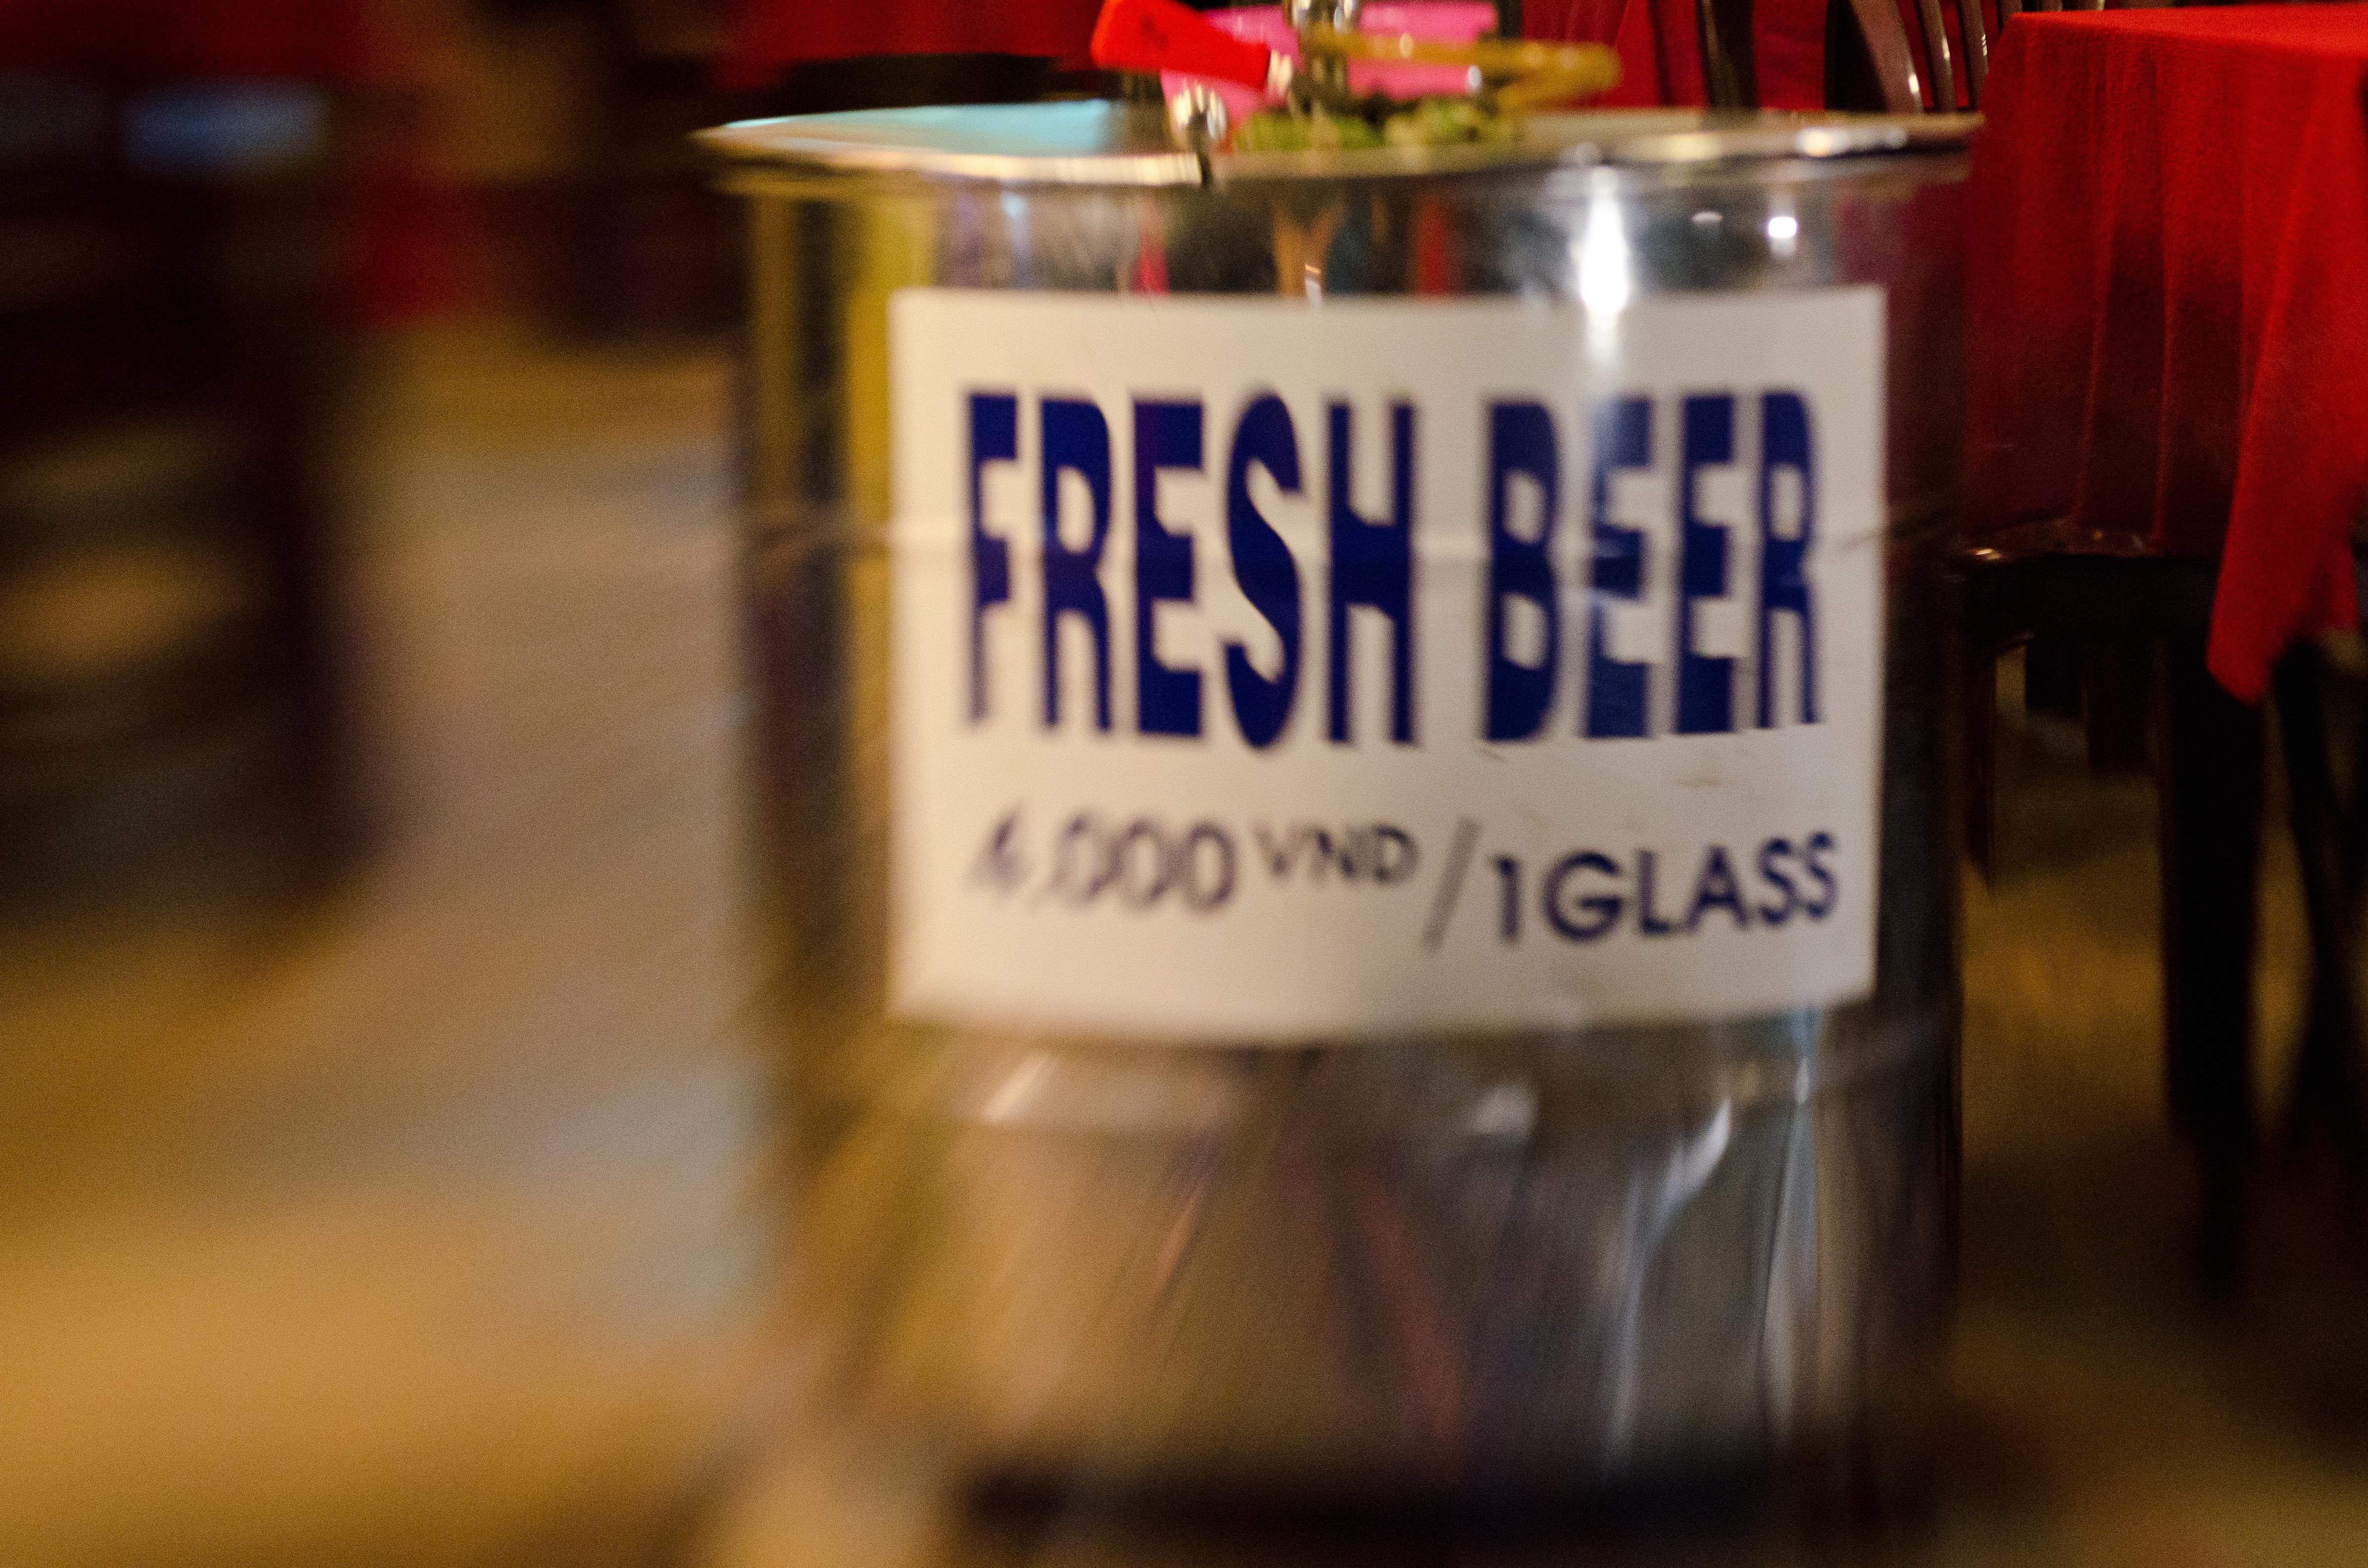 Blurry beer keg